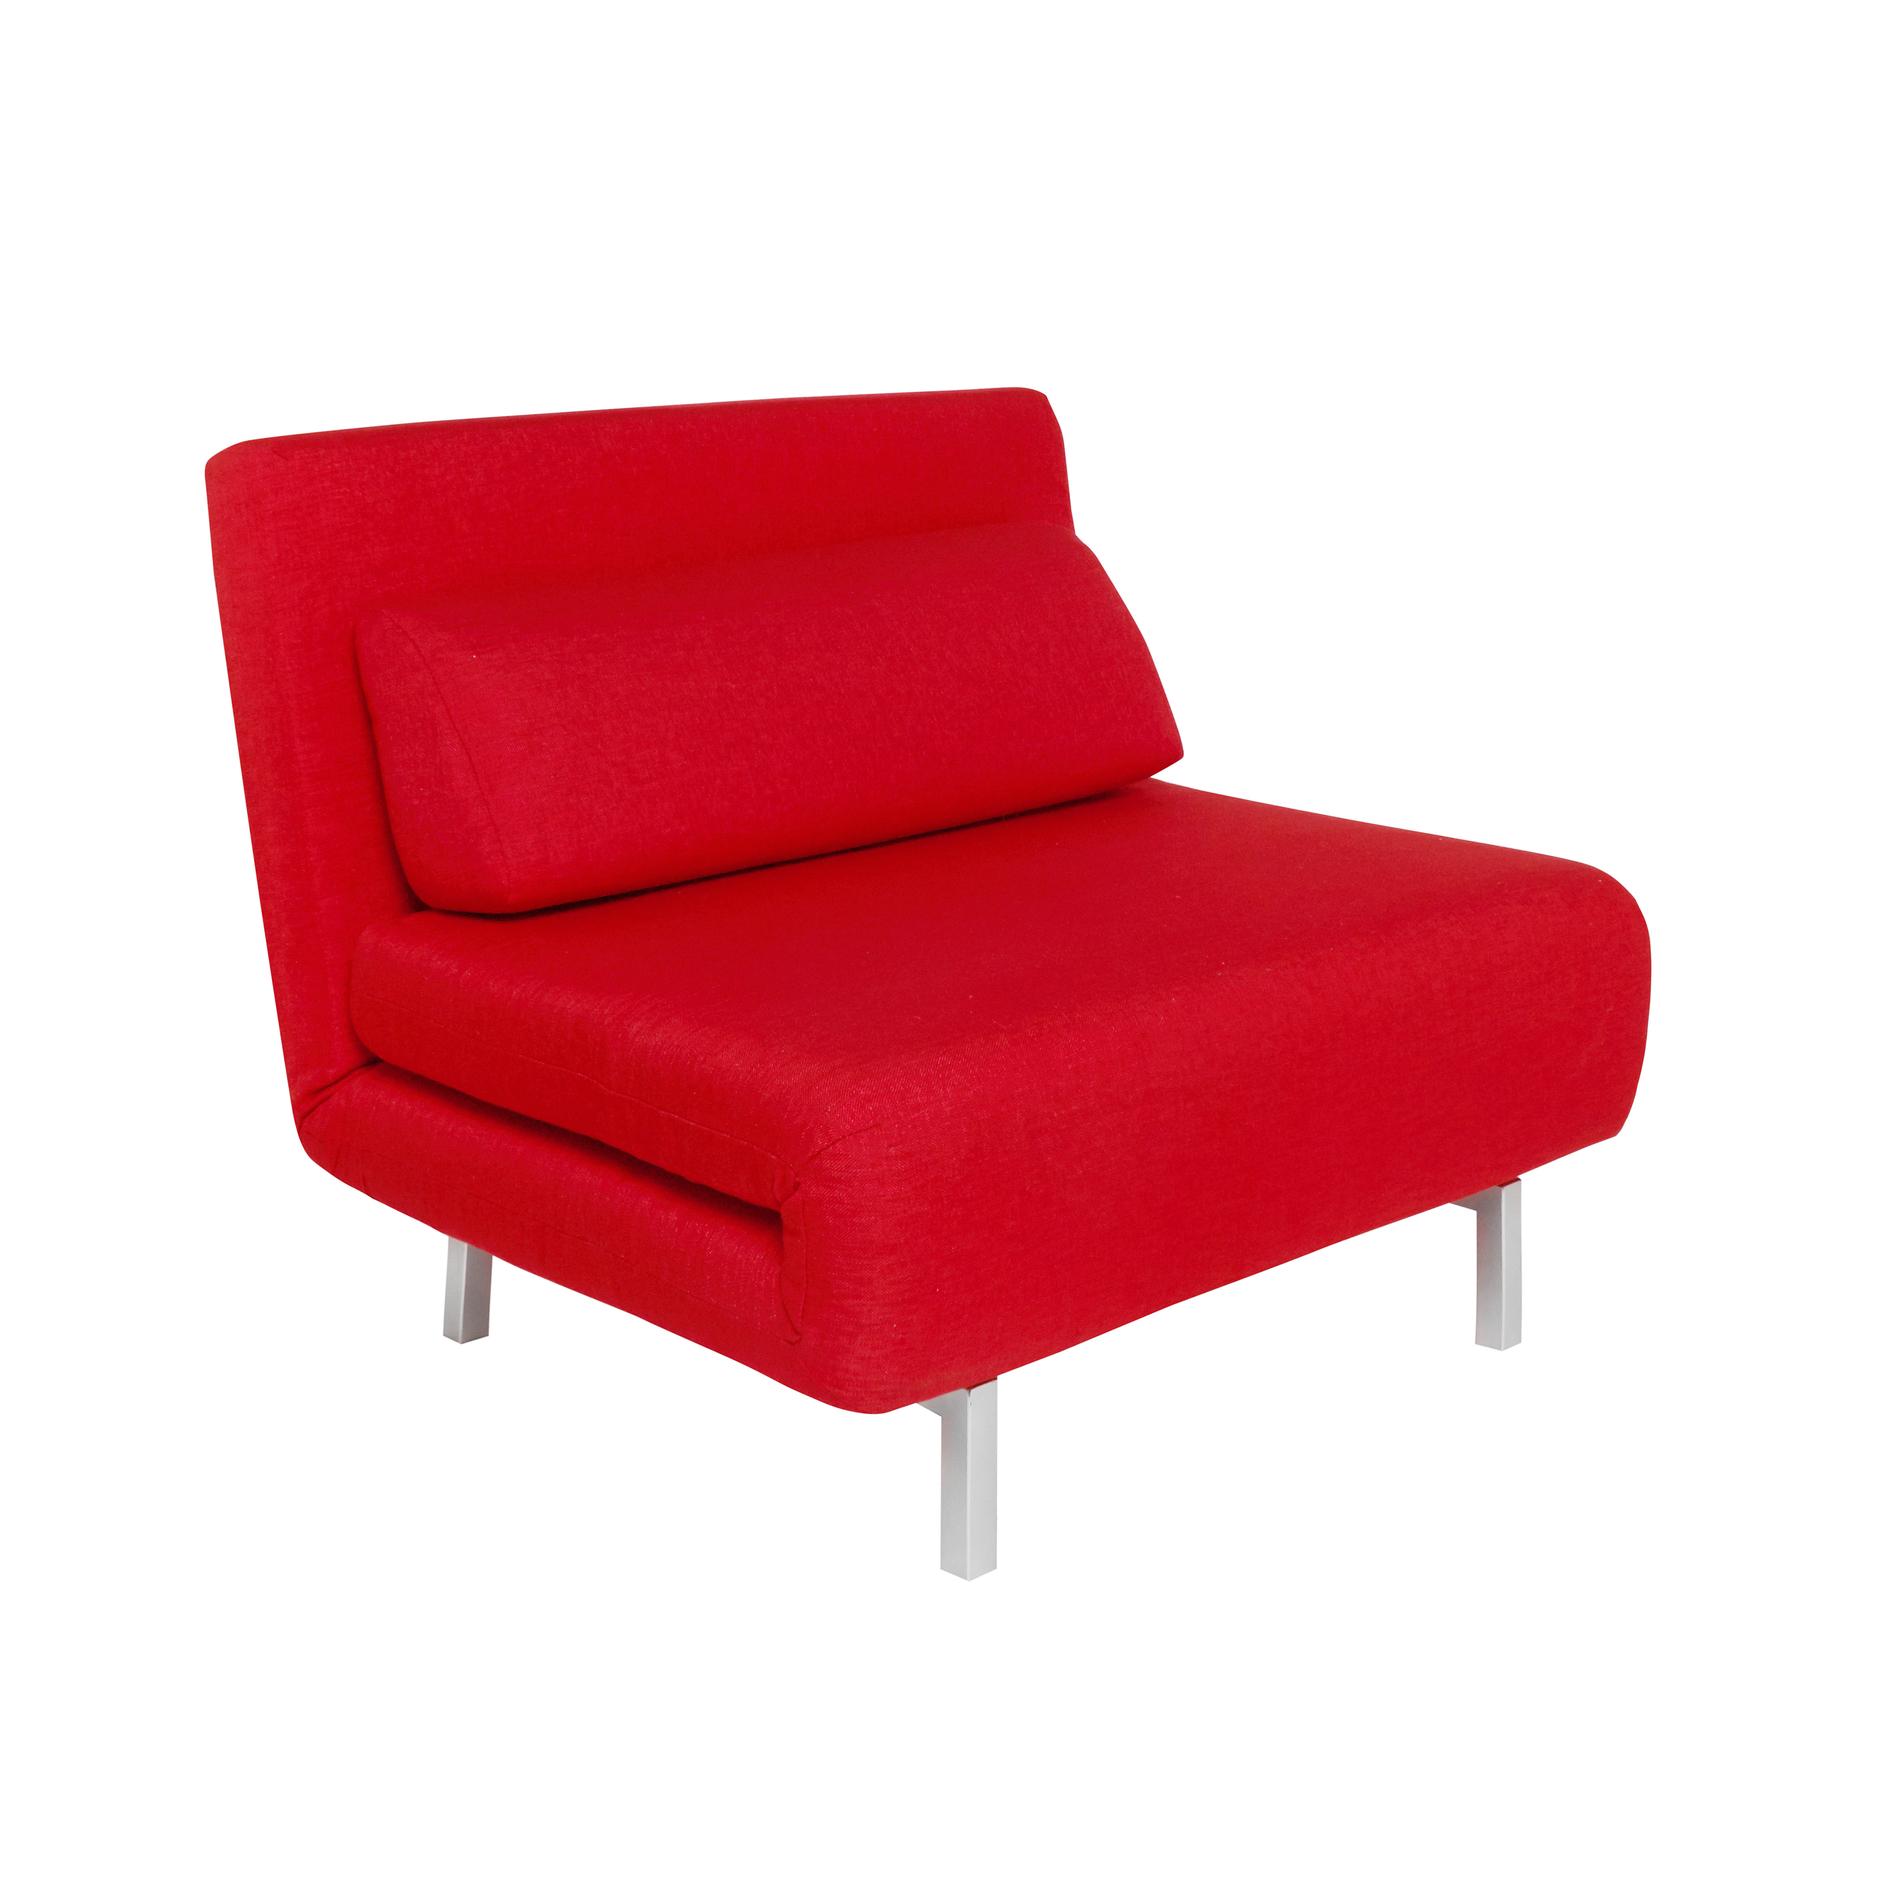 poltrona letto red sofa coincasa